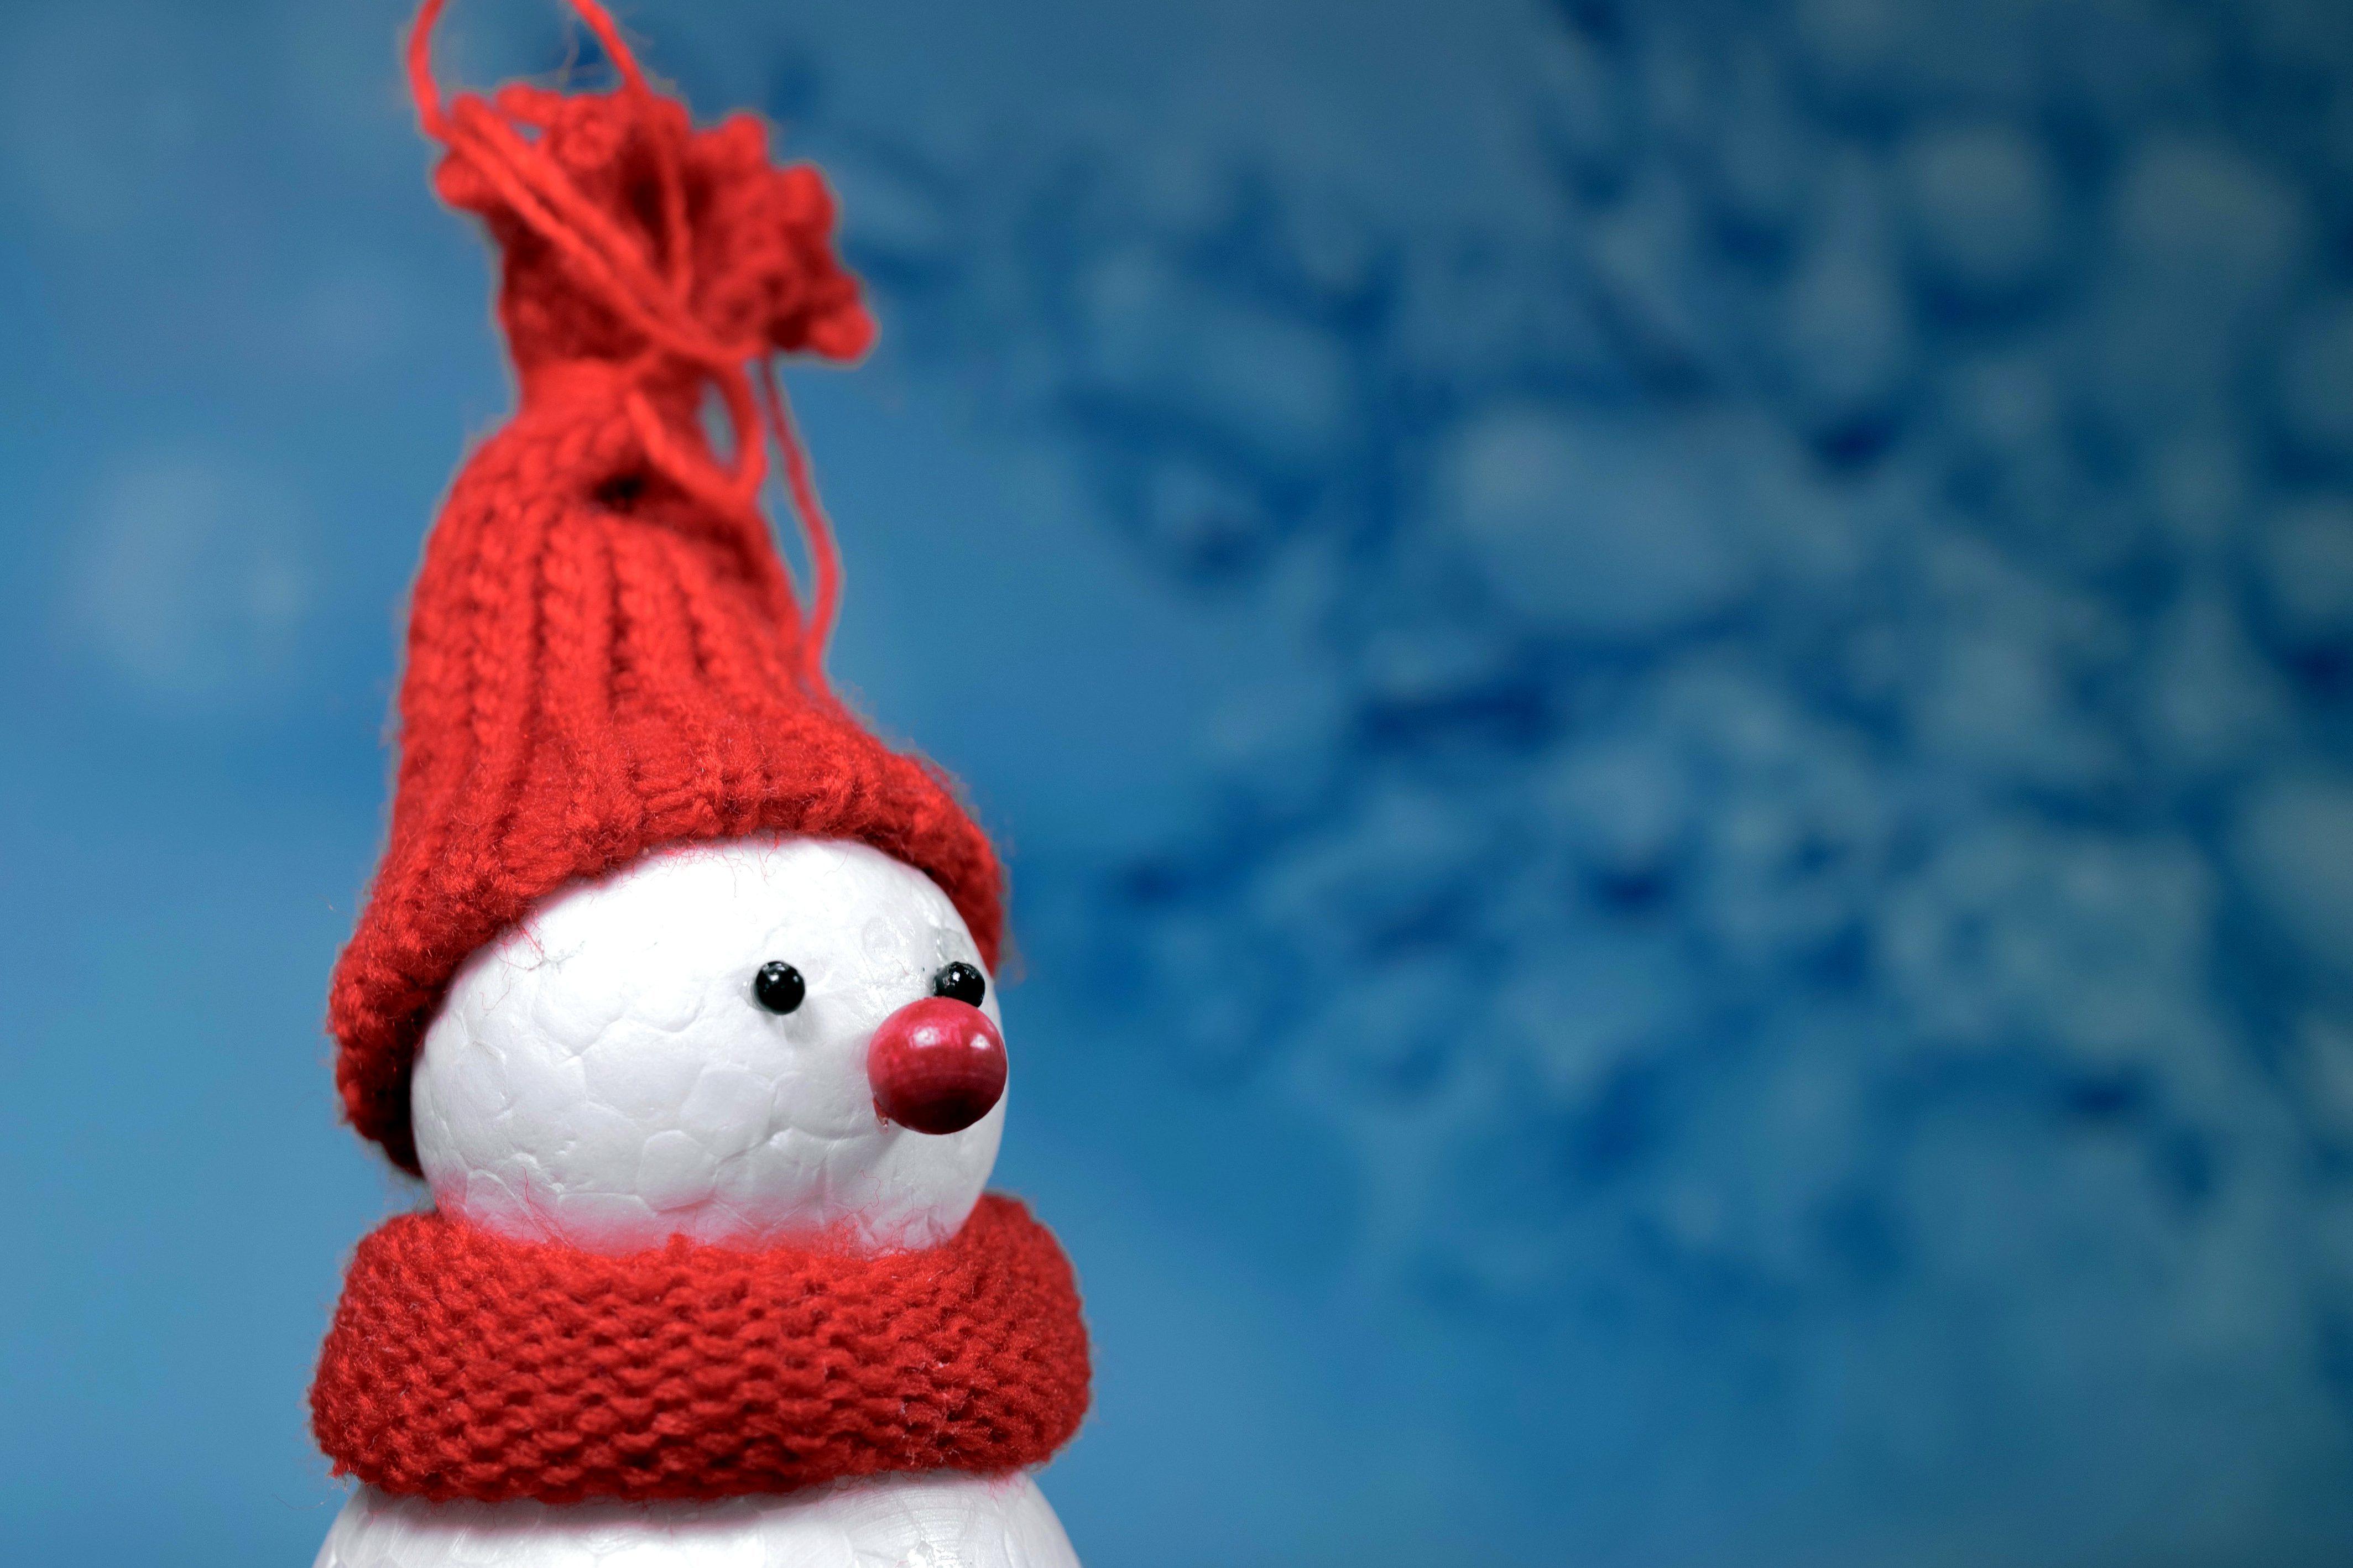 Image libre bonhomme de neige chapeau rouge charpe rouge - Chapeau bonhomme de neige ...